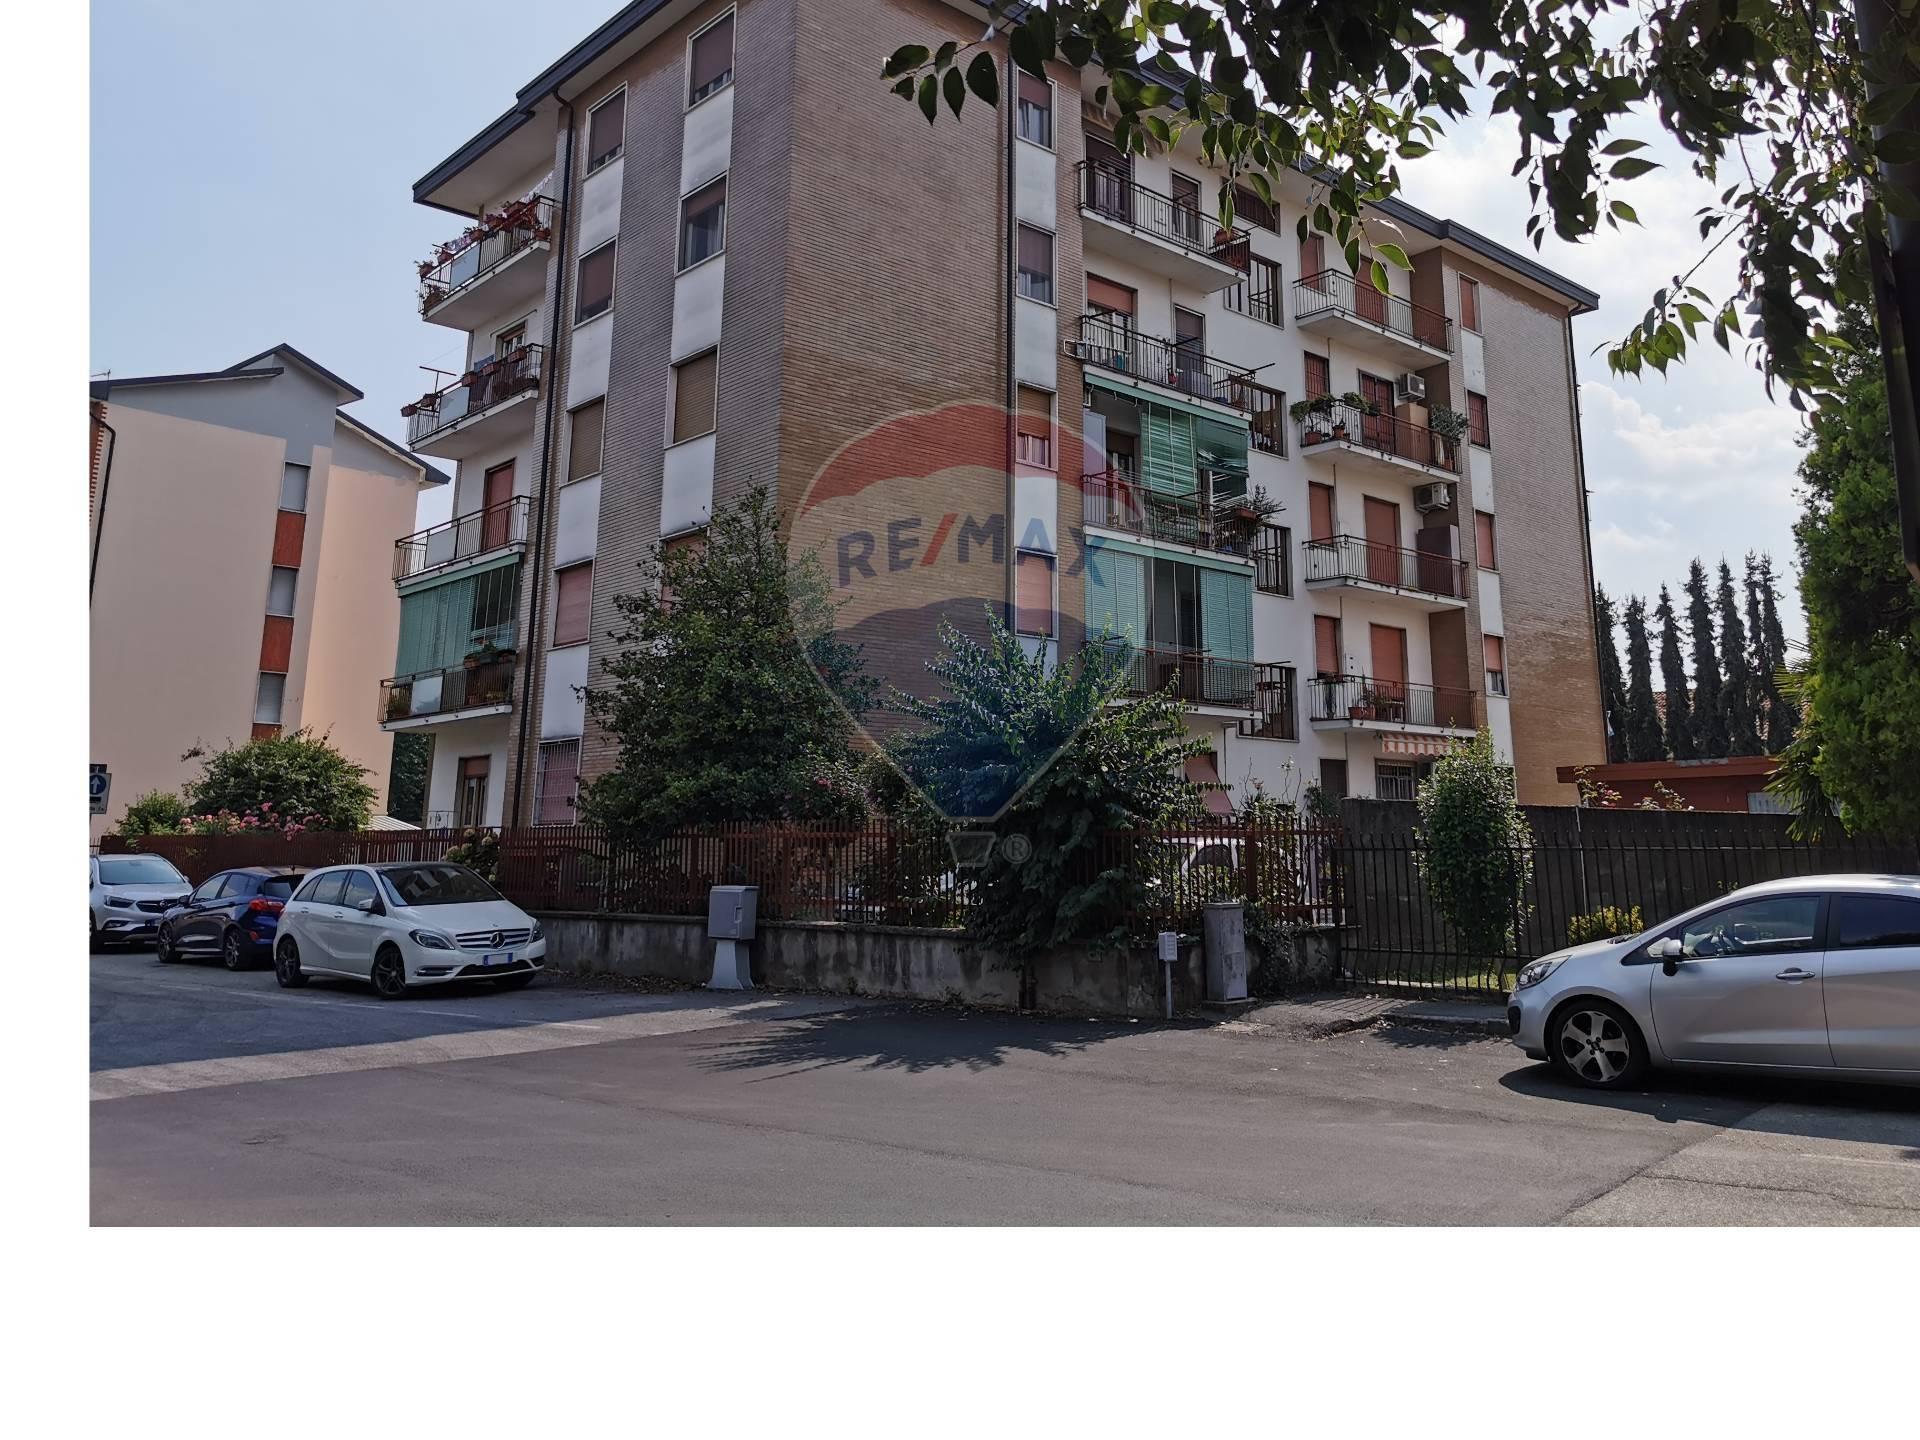 Appartamento in vendita a Corbetta, 2 locali, prezzo € 85.000 | CambioCasa.it